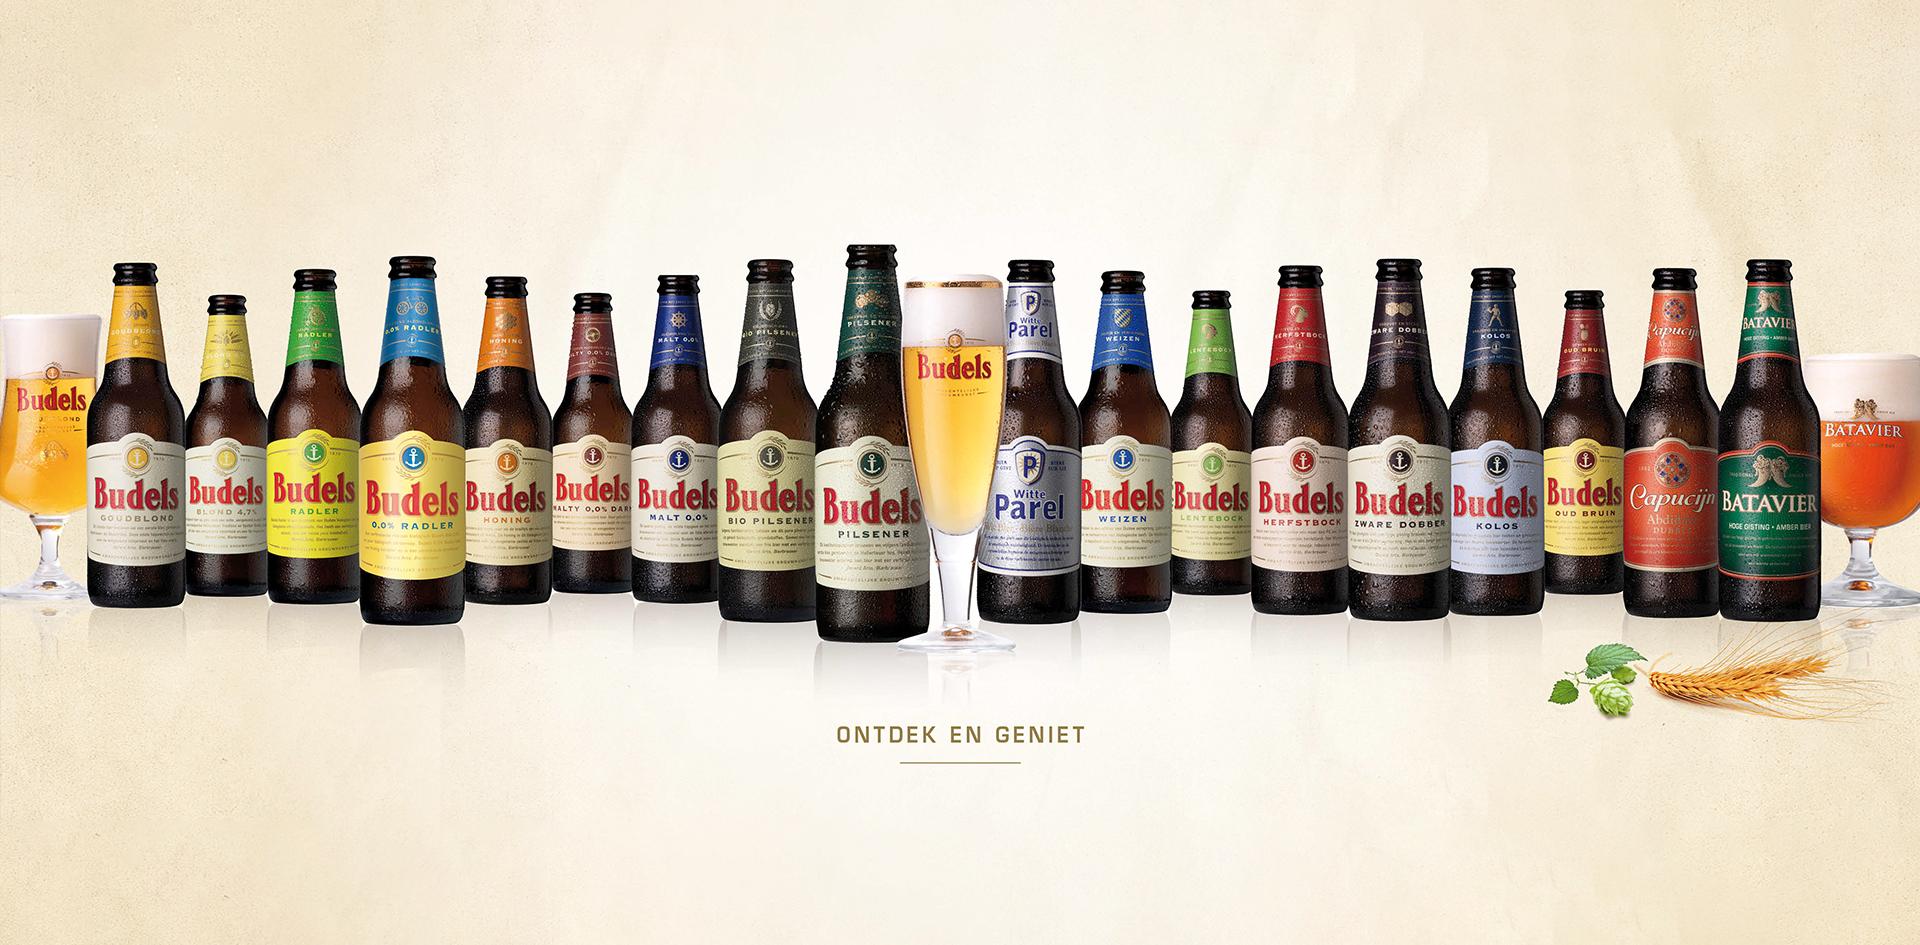 nectar-utrecht-pils-bier-brouwerij-nederland-budel-budels-assortiment